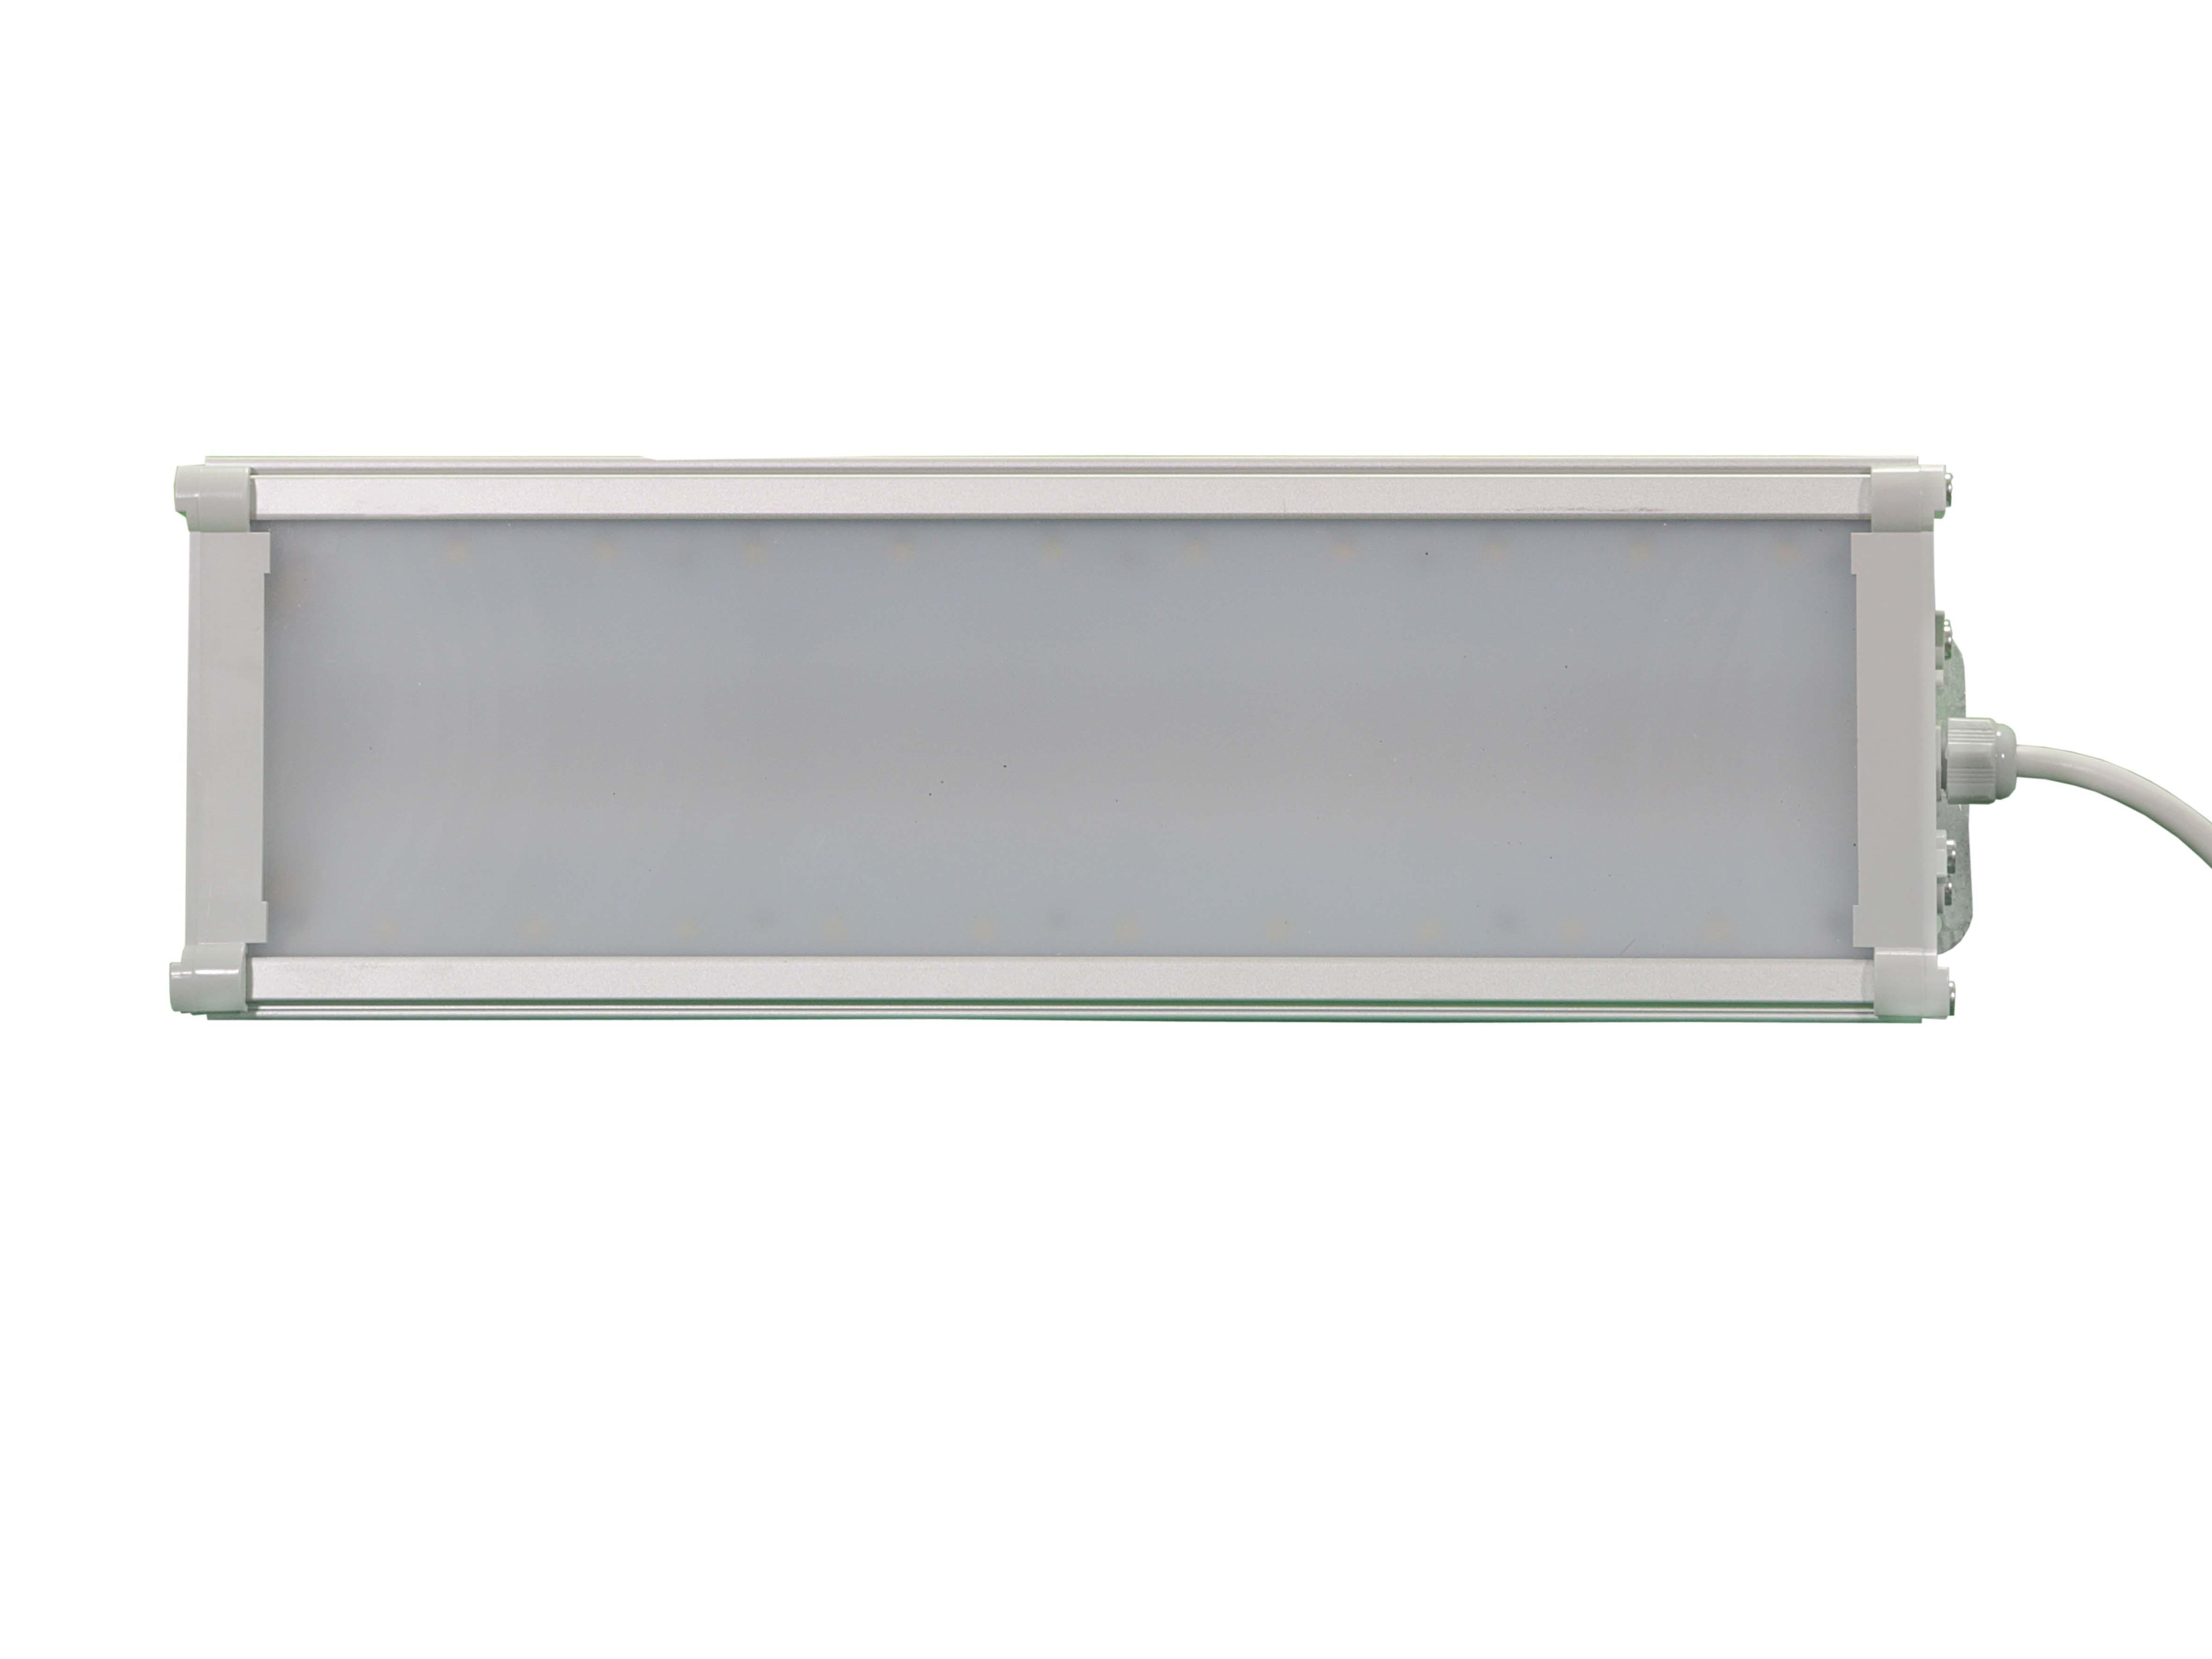 Уличный светодиодный светильник Фотон-240х3 300Вт 34944Лм